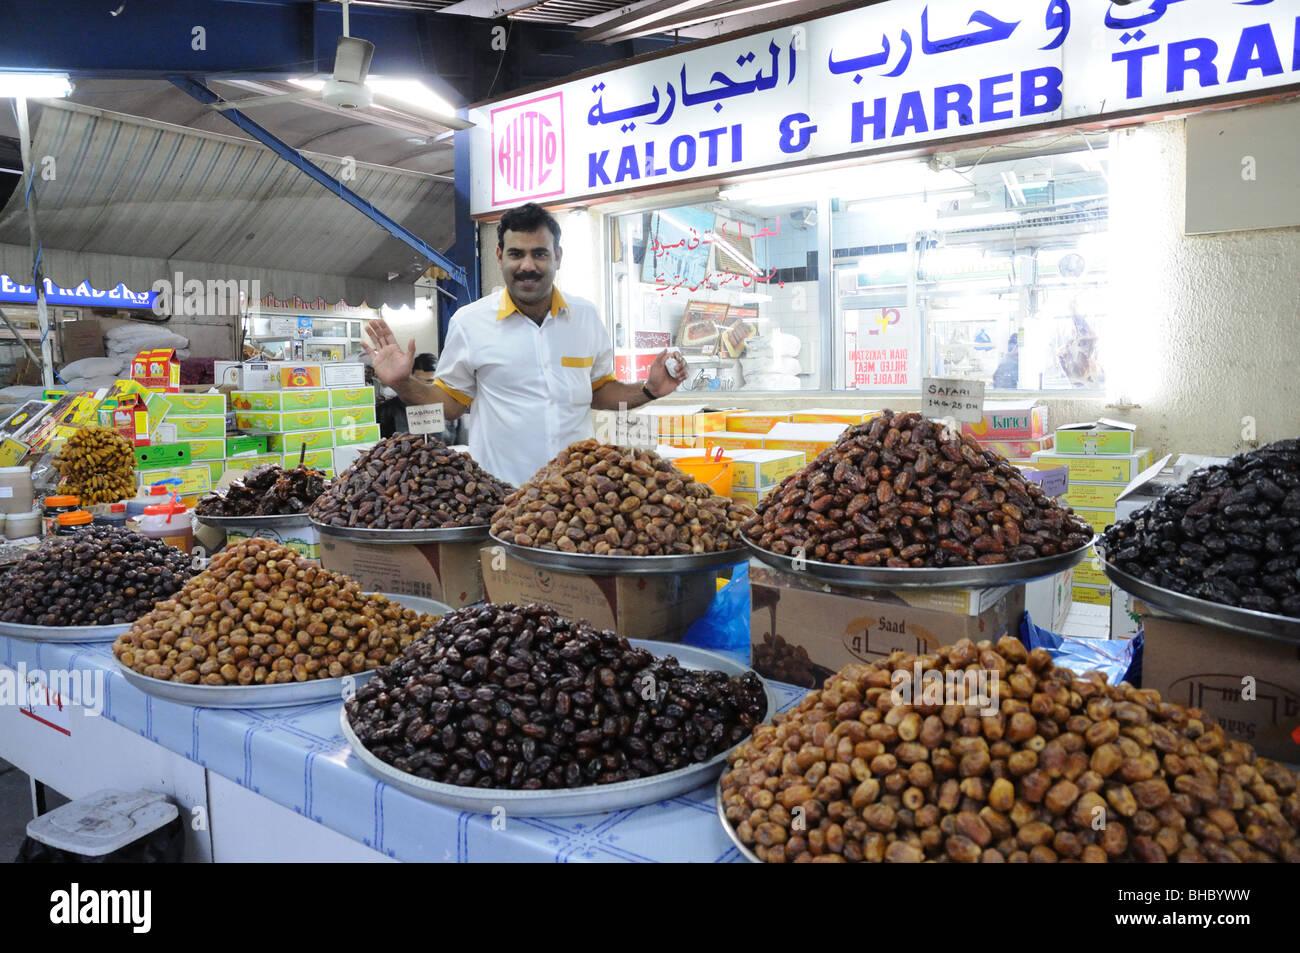 Dates Salesman in Dubai, United Arab Emirates - Stock Image